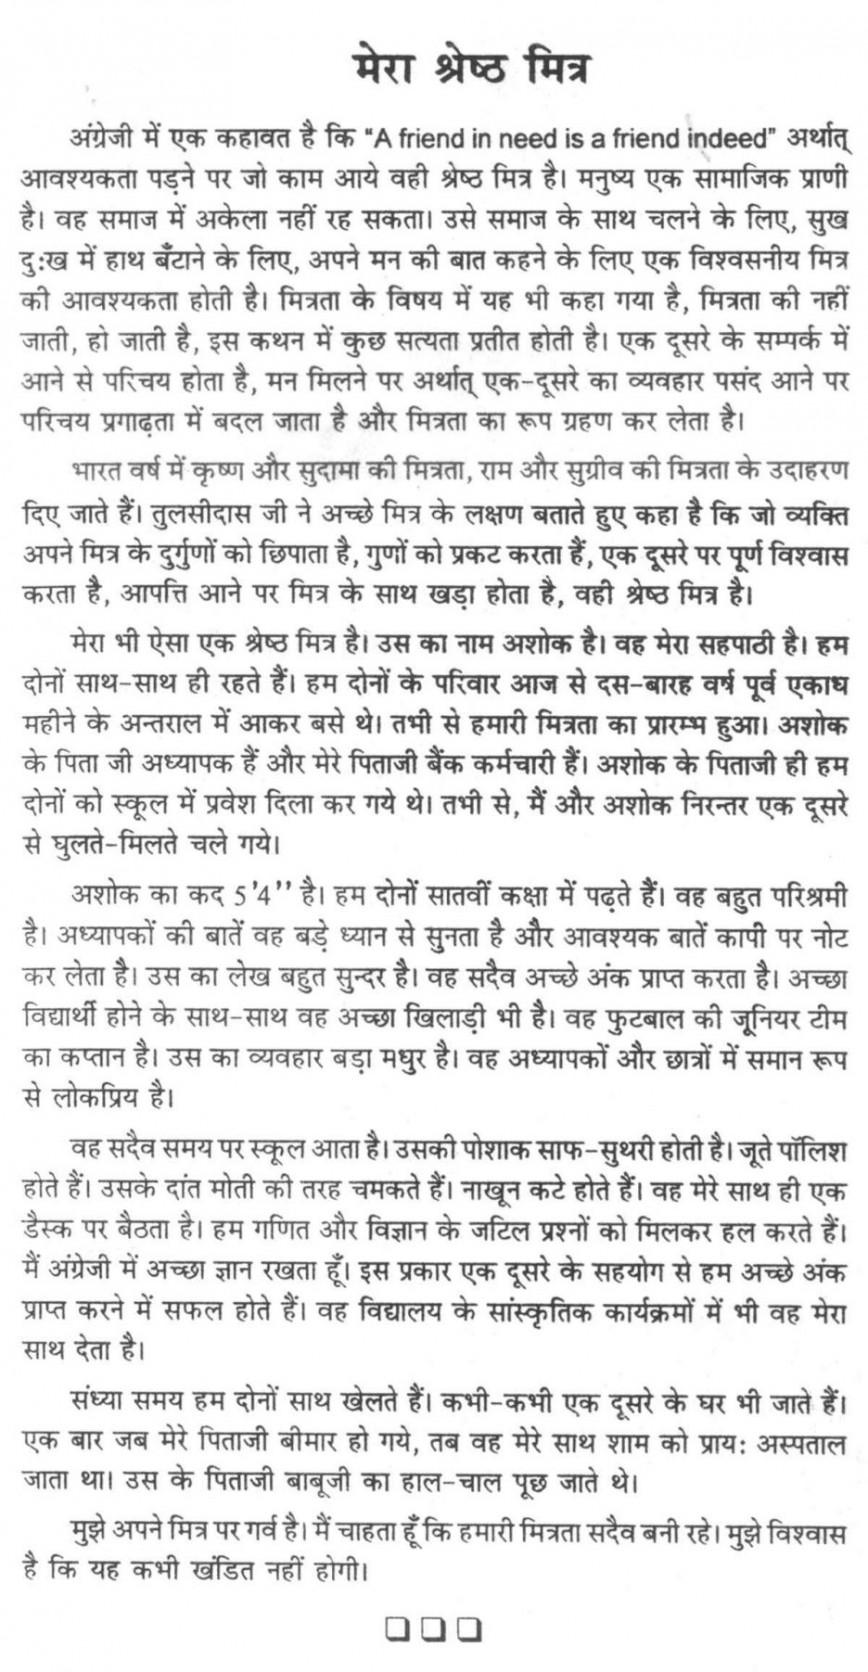 003 Essay Example Qualities Of Good Friends Friend Thumb Teacher Great Characteristics Pdf In Hindi Three Free Language Urdu Amazing A Short 868